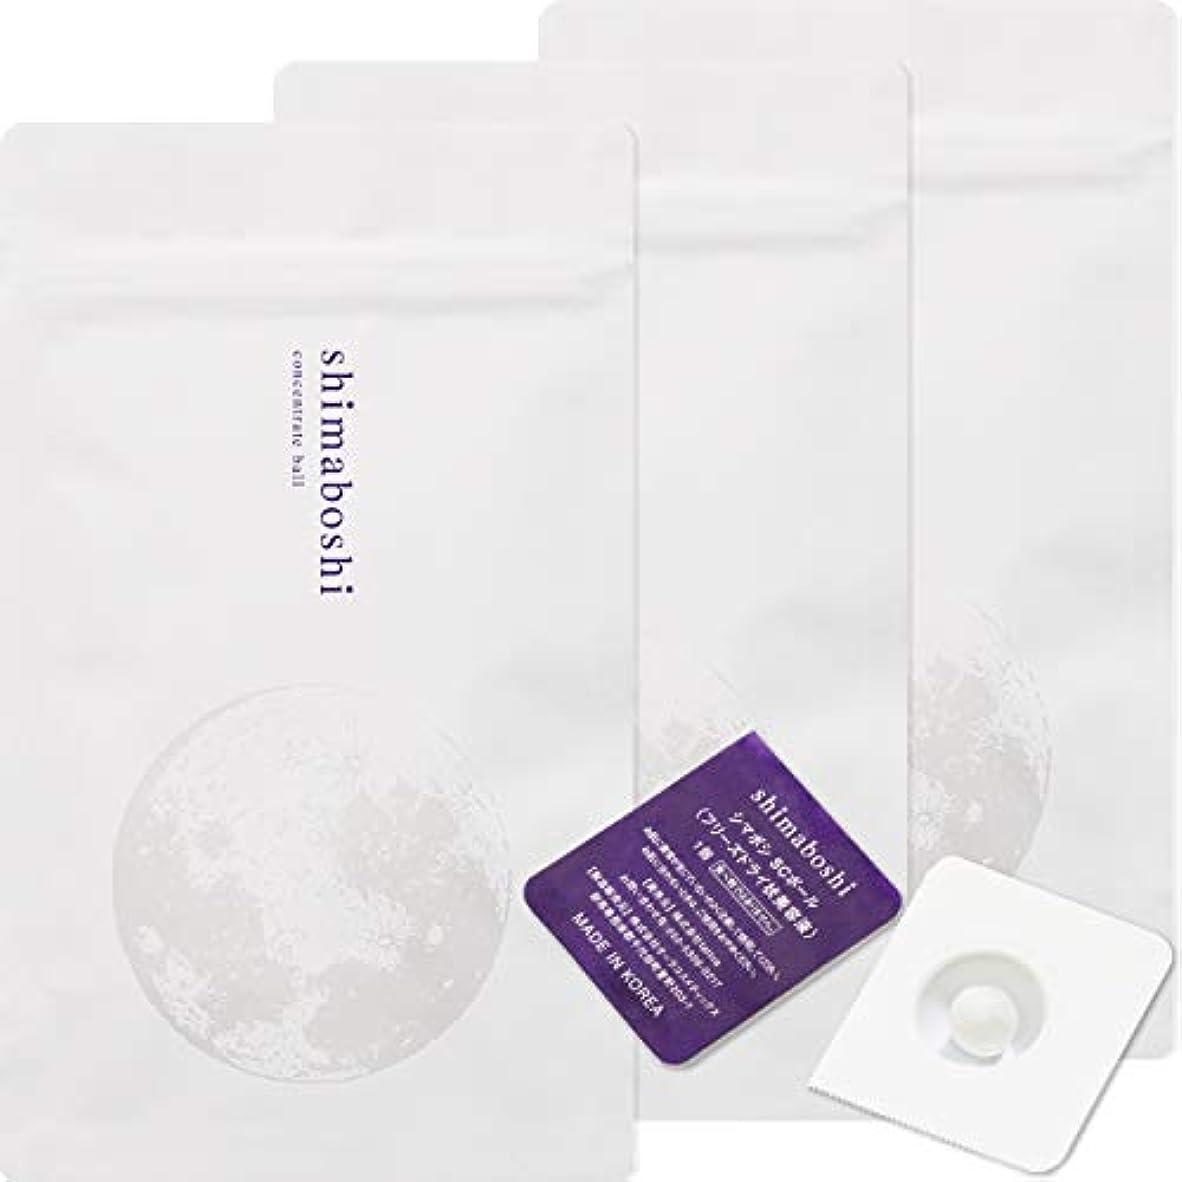 地雷原に負ける礼儀シマボシ shimaboshi コンセントレートボール 3袋セット 美容液 美白 エイジング ケア コラーゲン 美肌